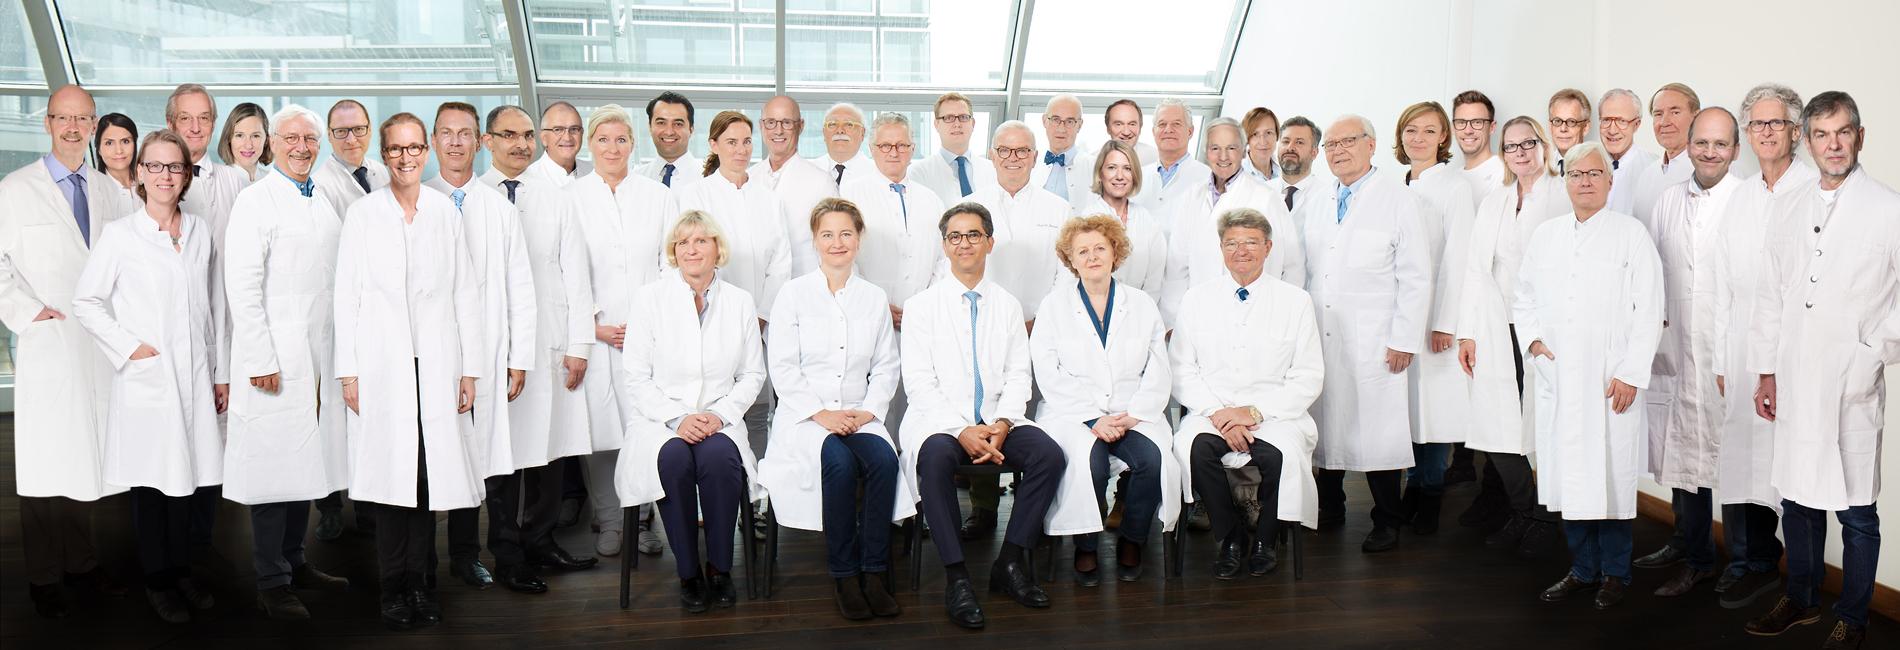 191213_Medizinicum-Gruppe